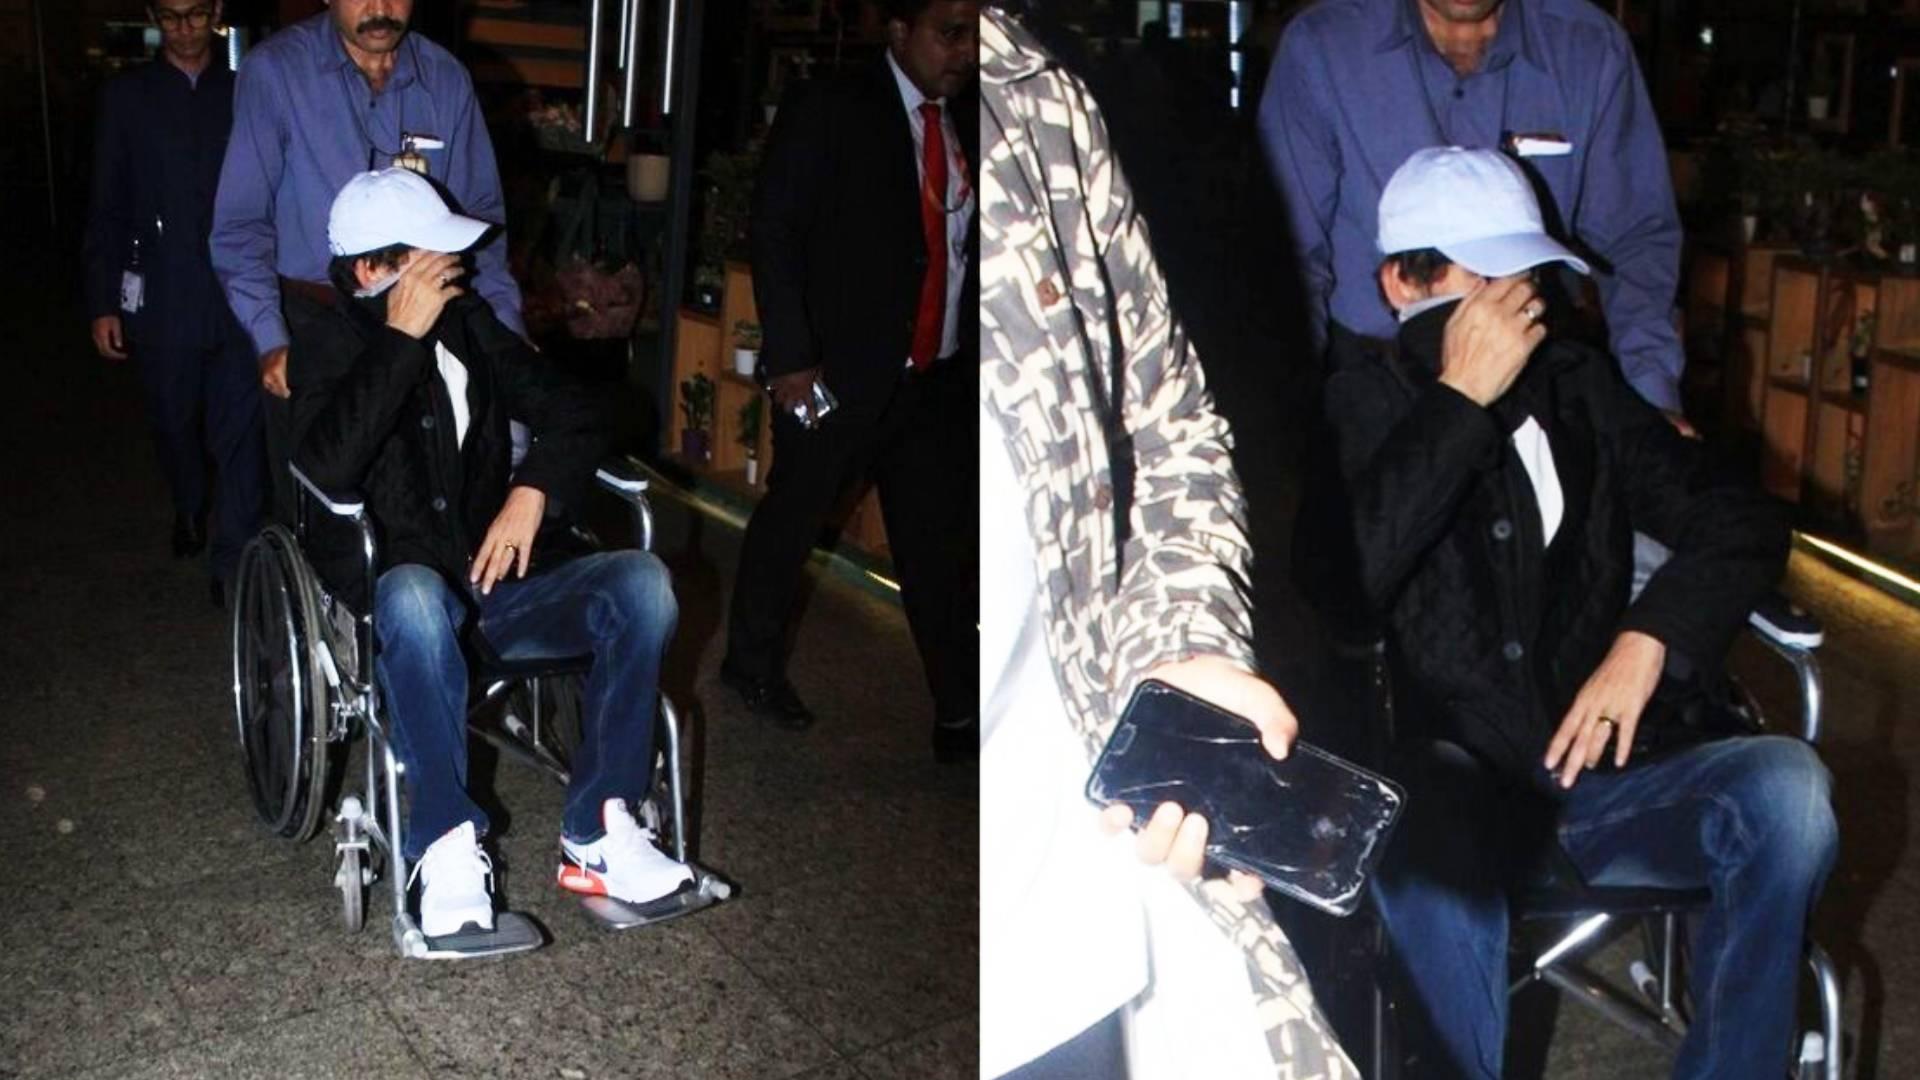 … तो इस वजह से इरफ़ान खान ने मीडिया को देख छुपाया अपना चेहरा, मुंबई एयरपोर्ट पर व्हीलचेयर पर बैठे आए नजर